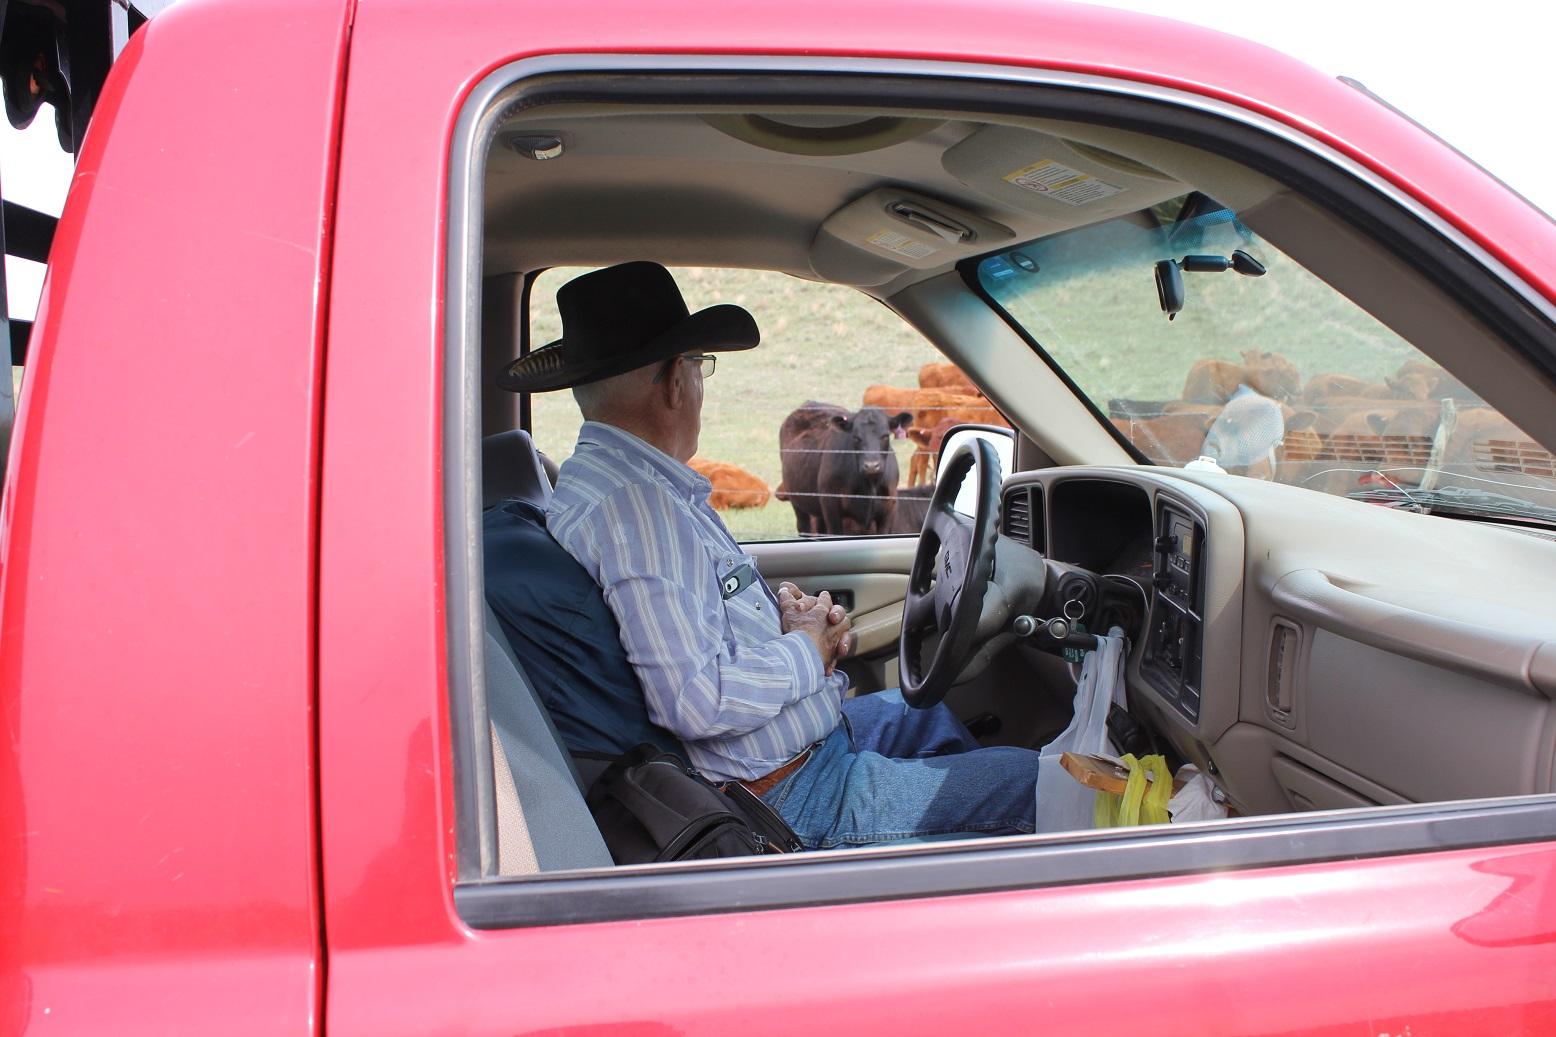 Rancher in pickup